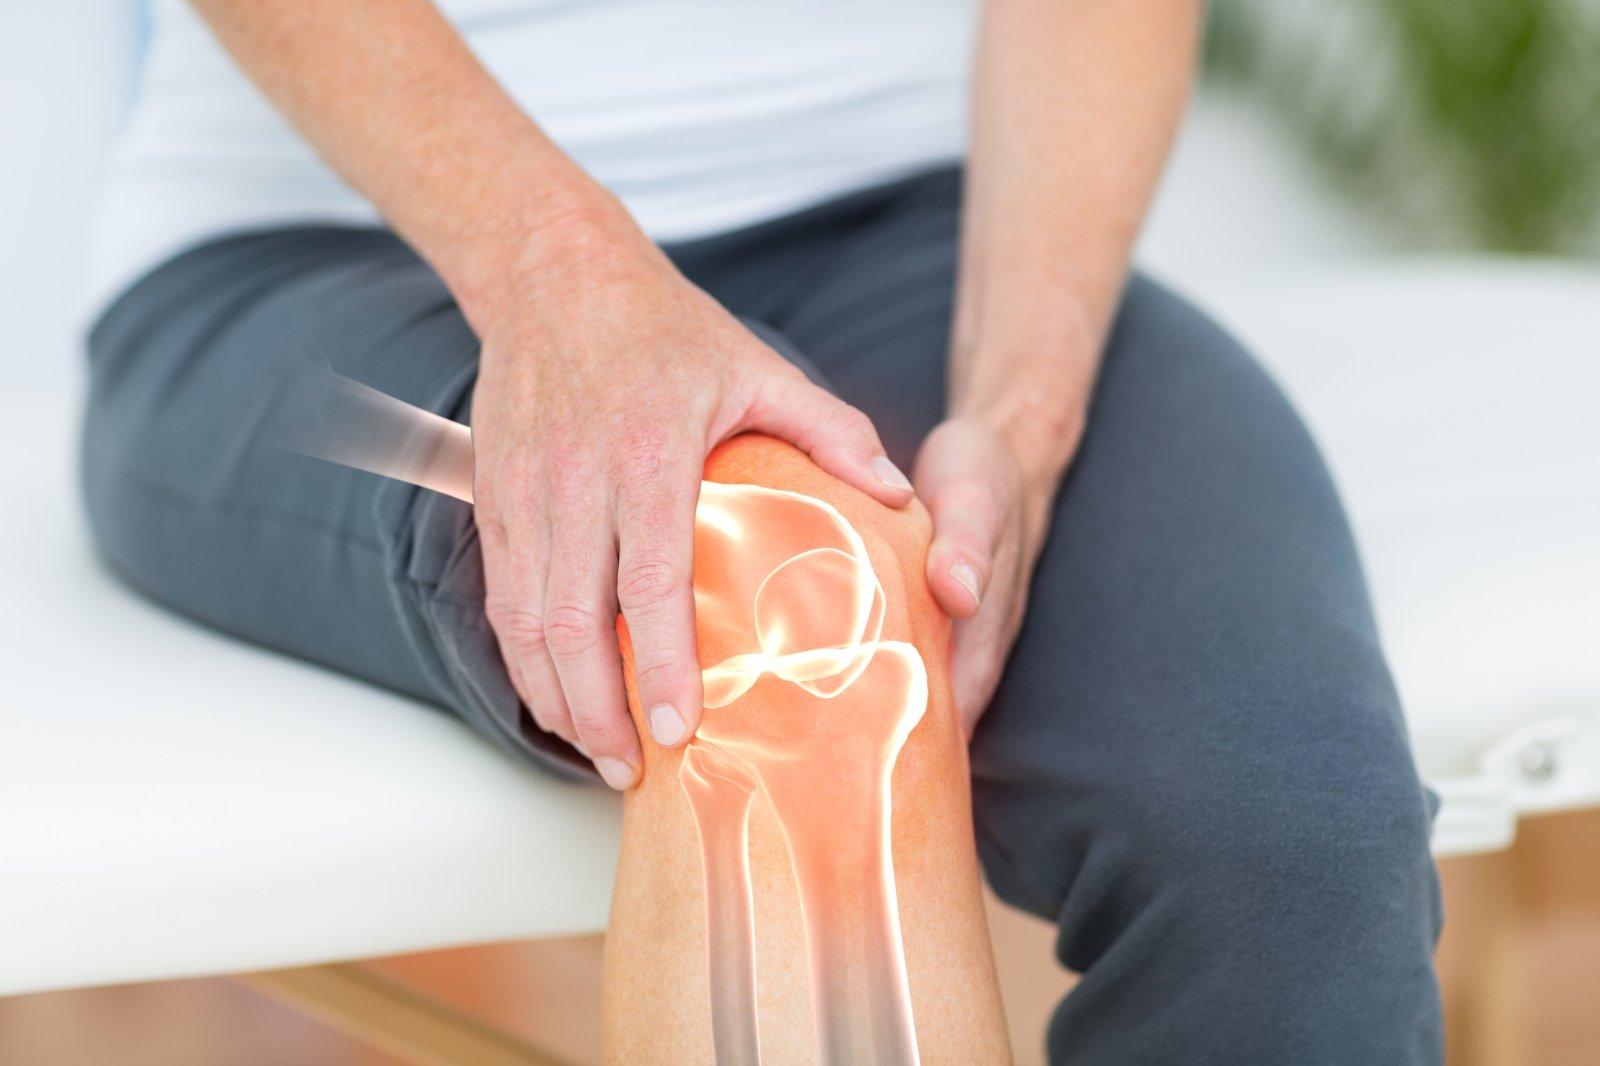 produktai su osteoartritu sąnarių stalo kas yra artritas ir artrozė peties sąnario